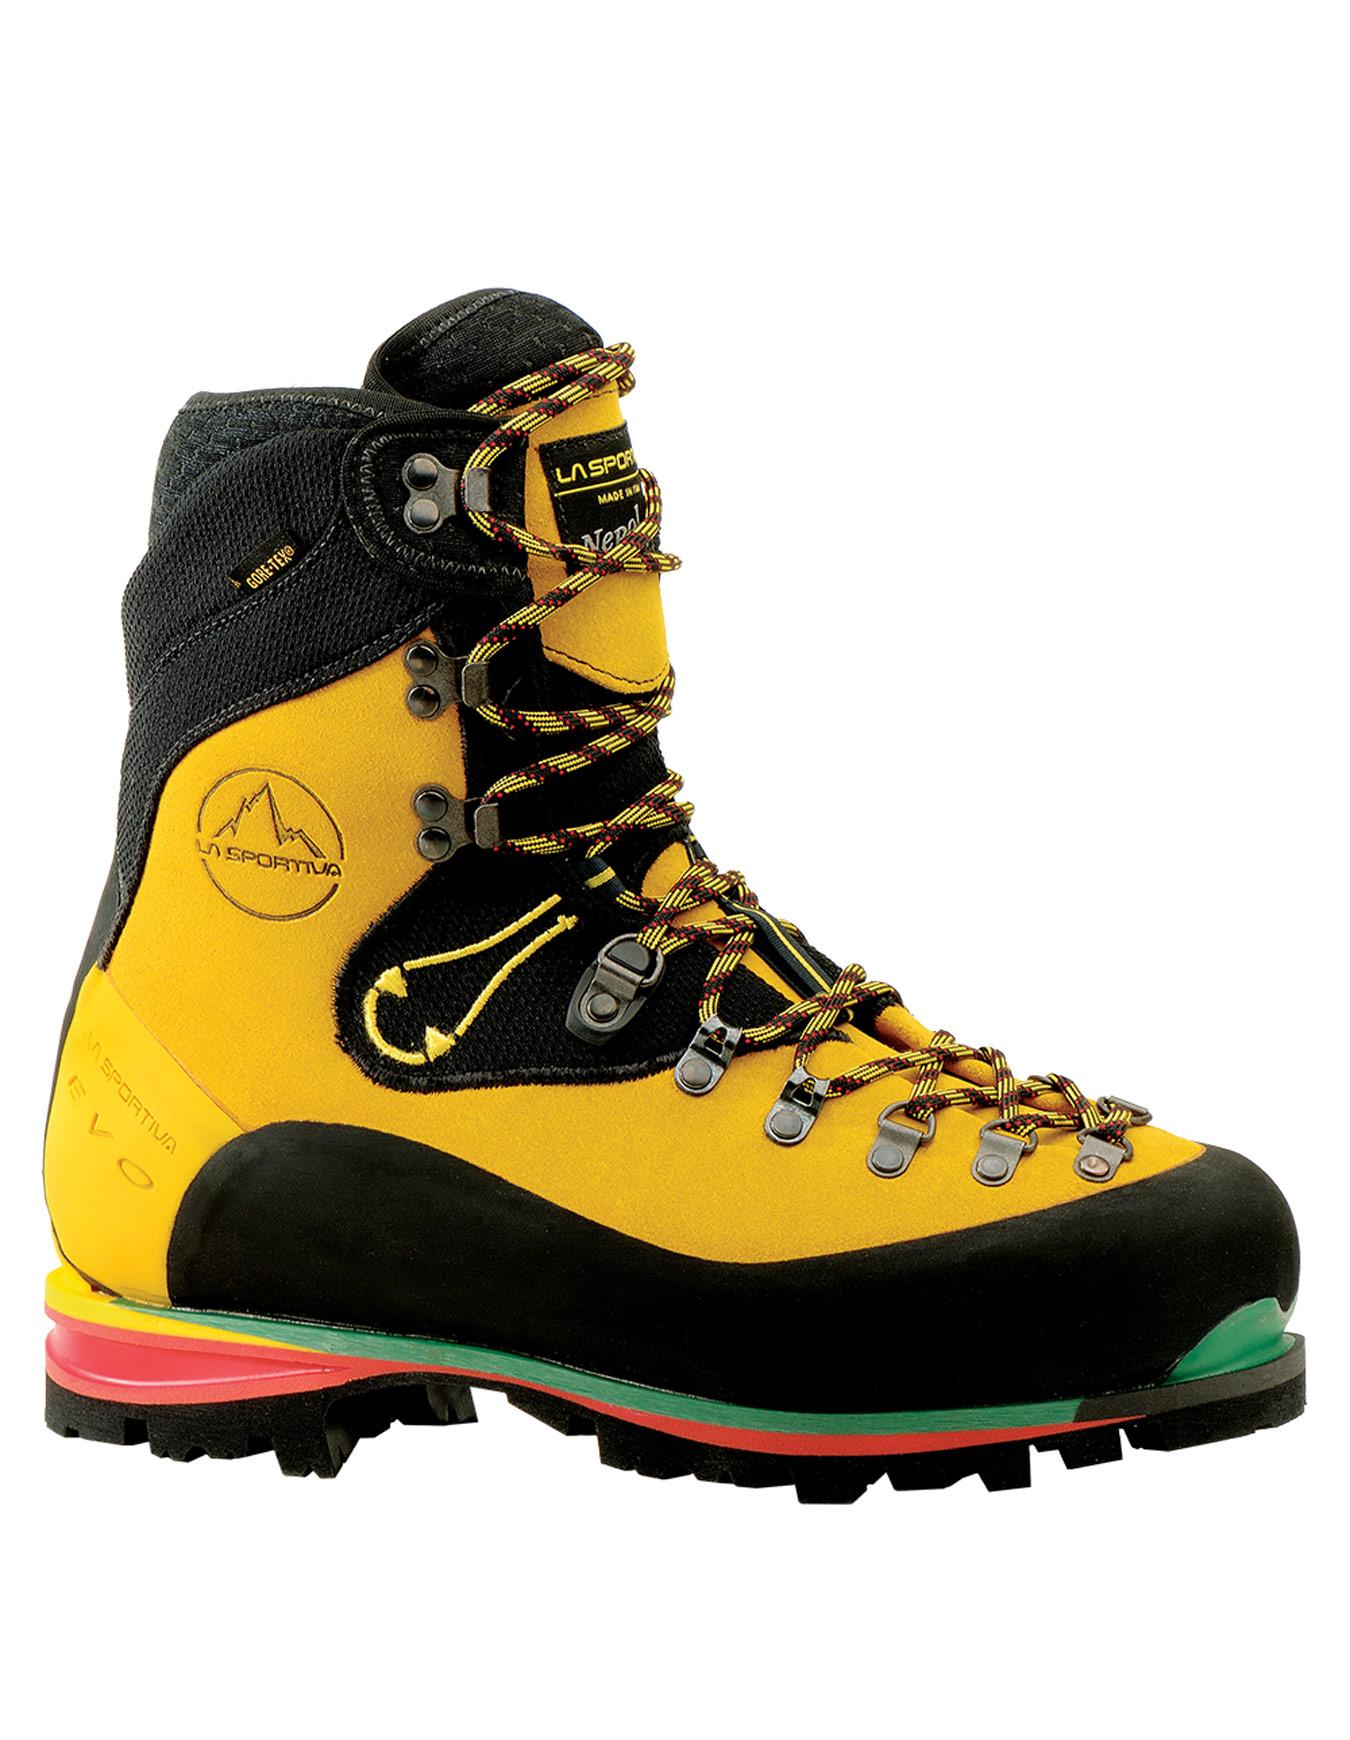 bac40482d0665 La Sportiva   chaussures alpinisme et trail La Sportiva - Snowleader